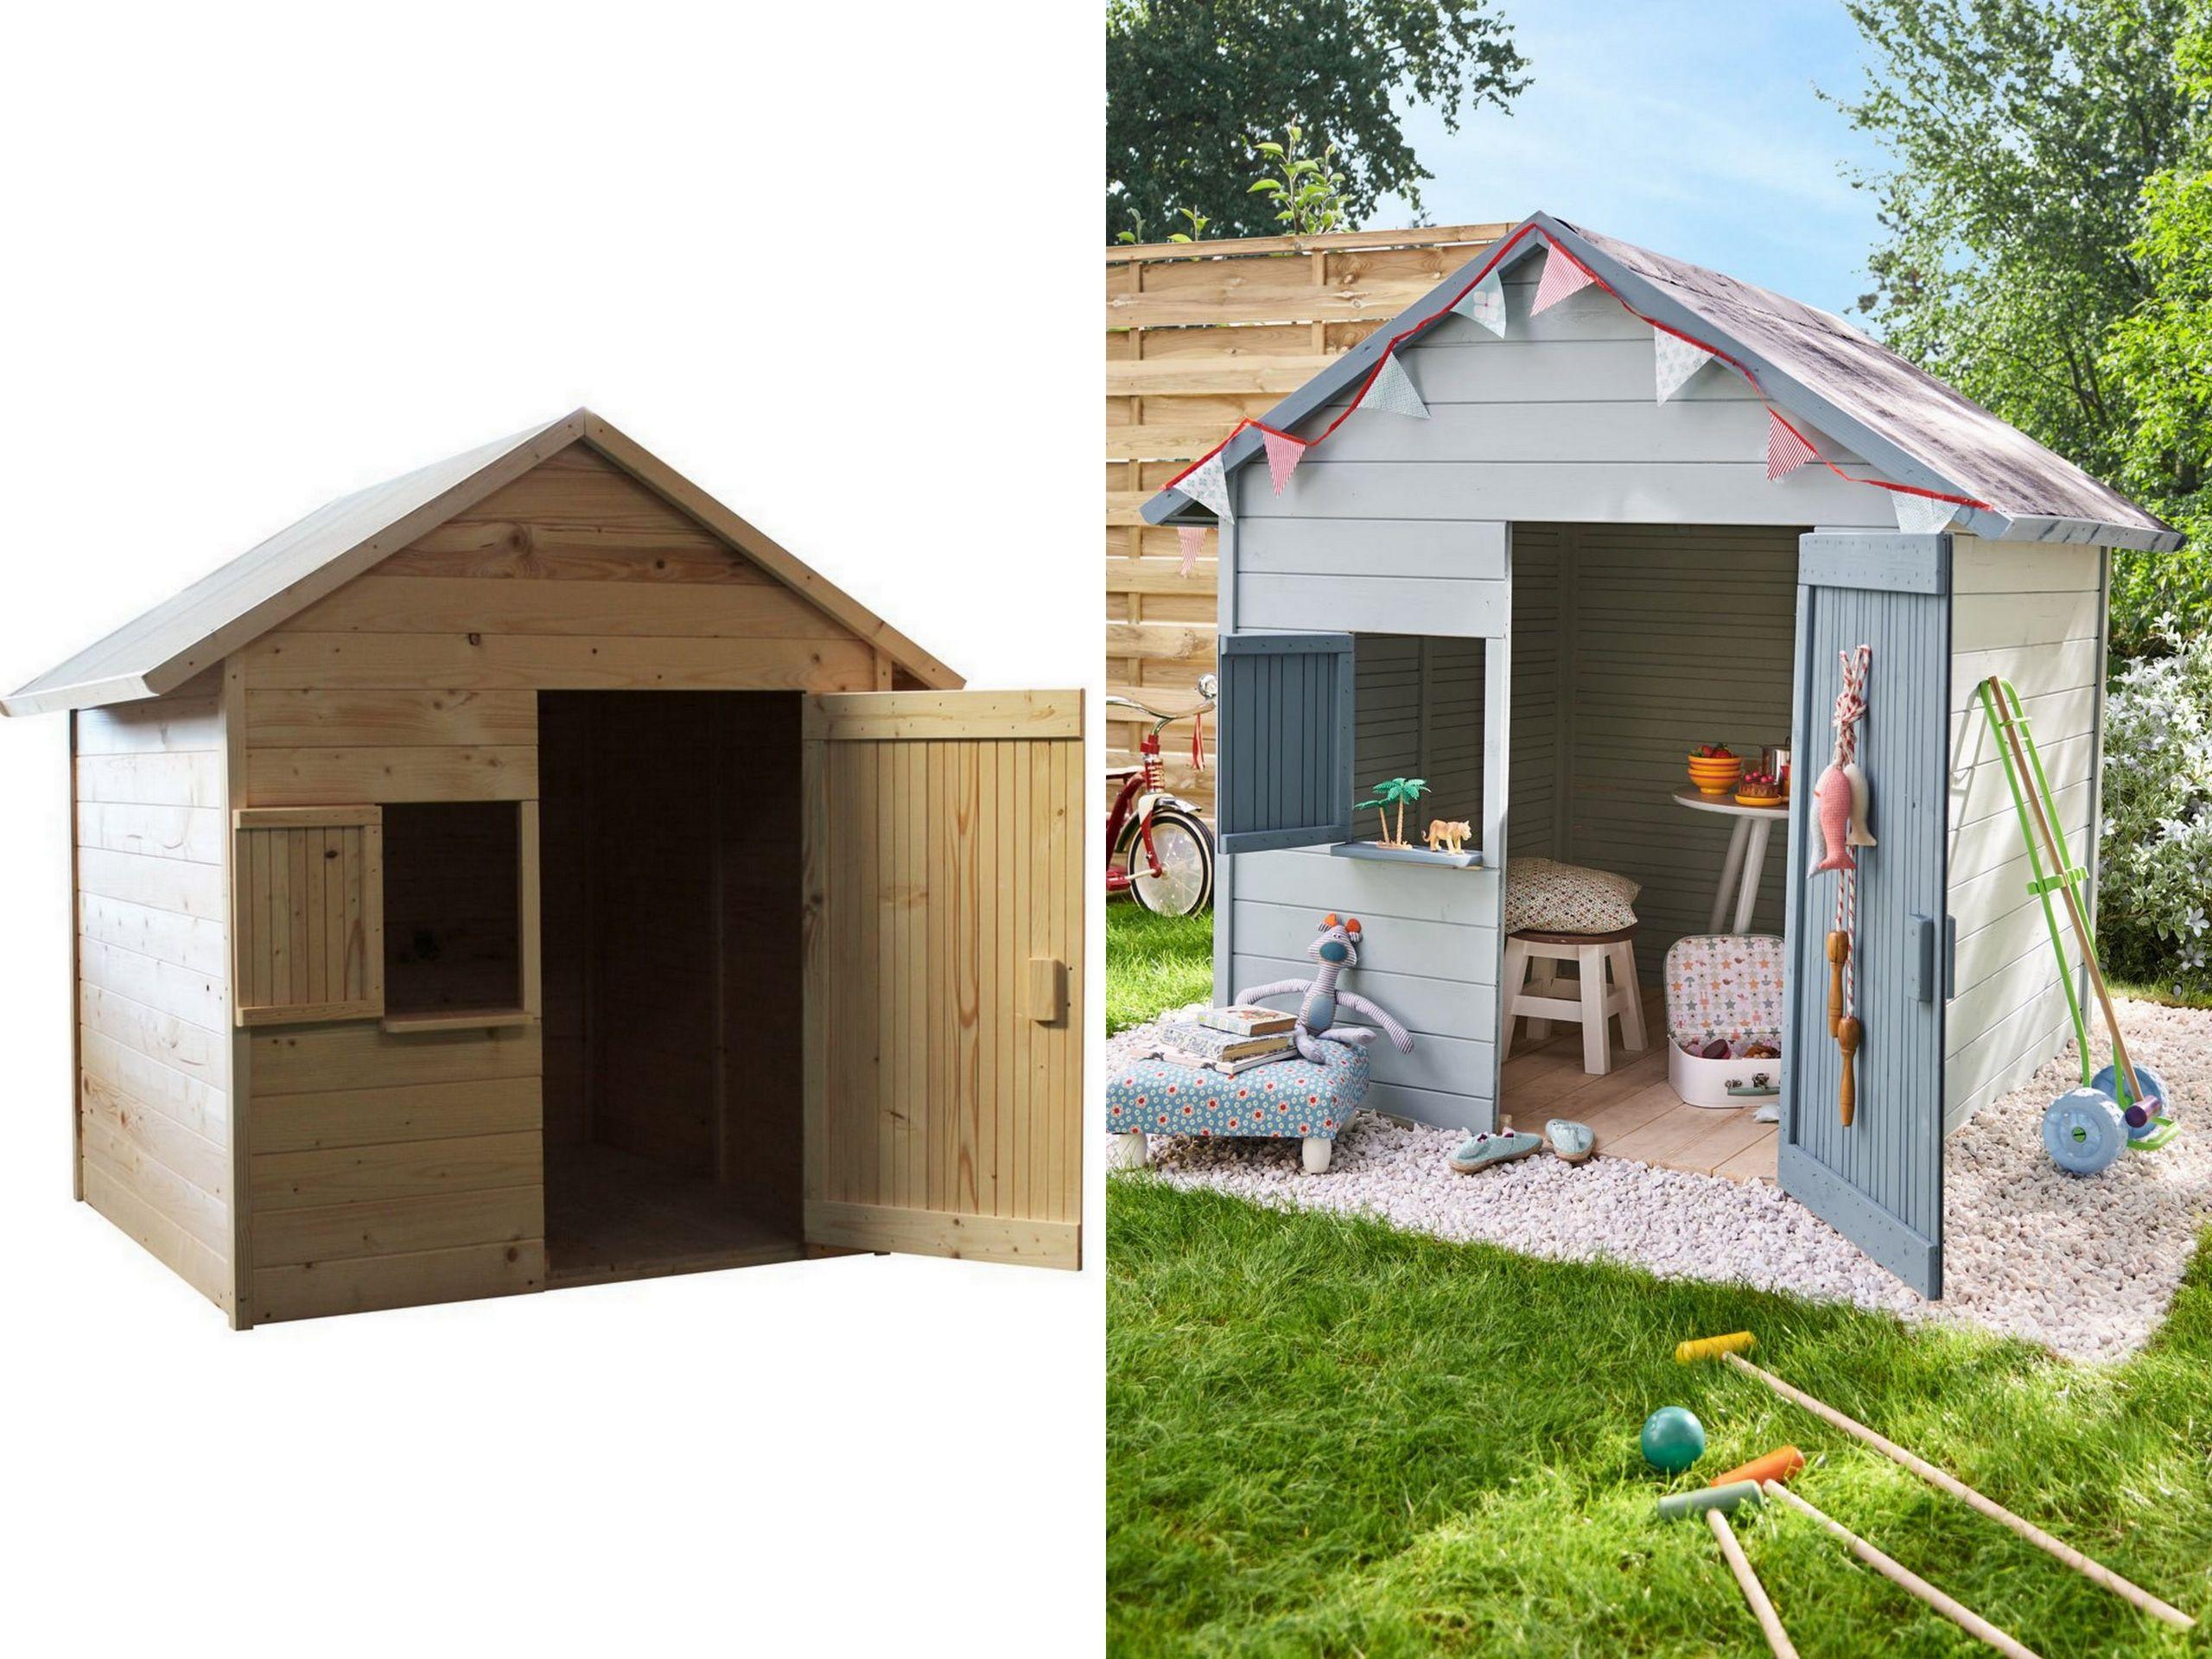 Bois Pour Cabane De Jardin Des Idées - Idees Conception Jardin destiné Maison De Jardin Pour Enfant